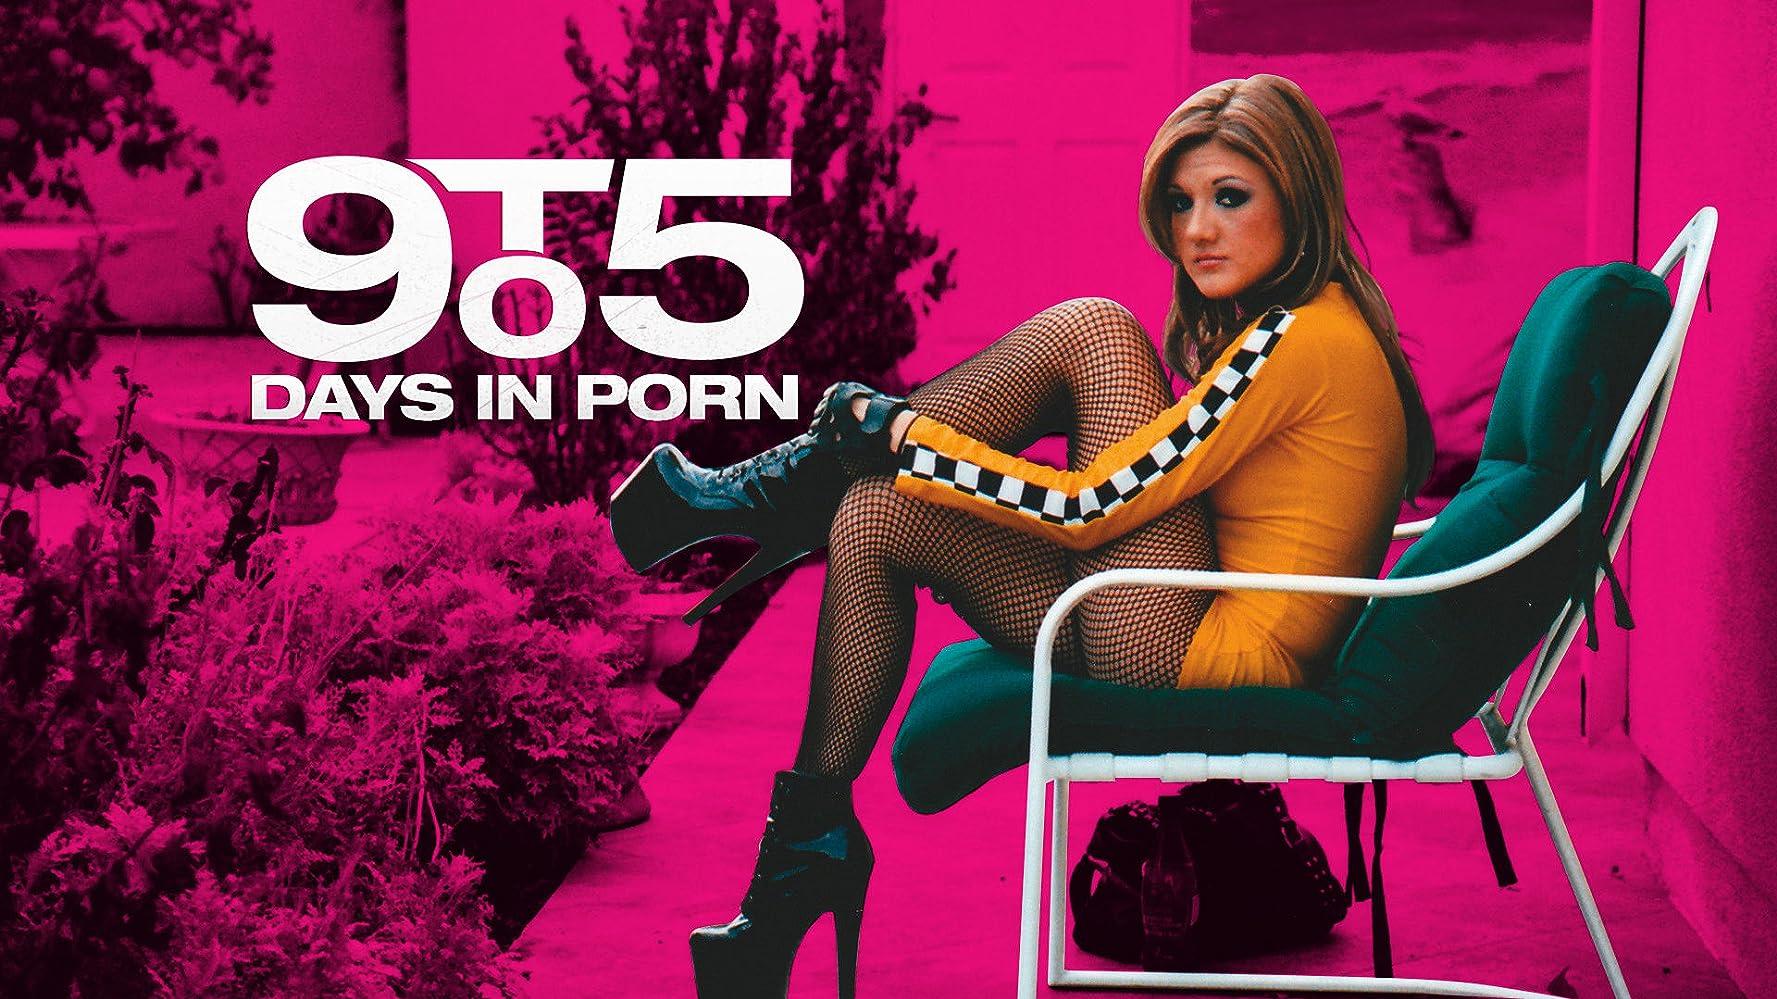 2008 porn